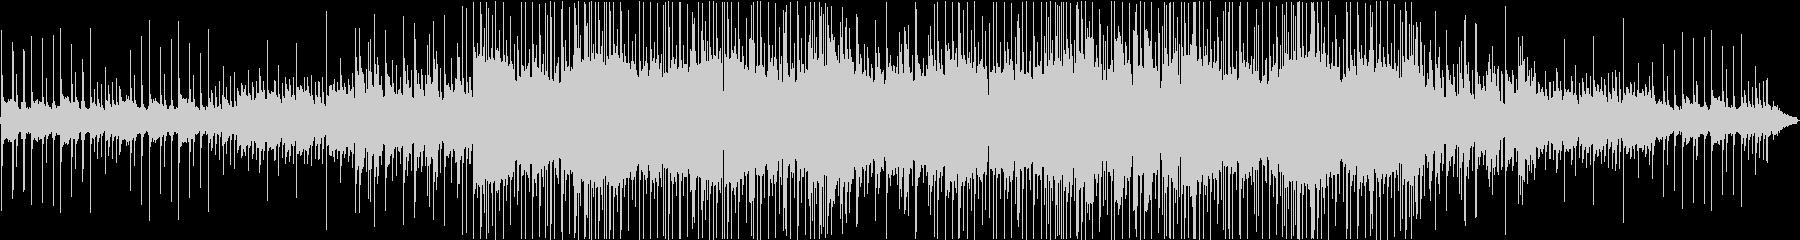 虫の声と切ないピアノのヒップホップ#01の未再生の波形